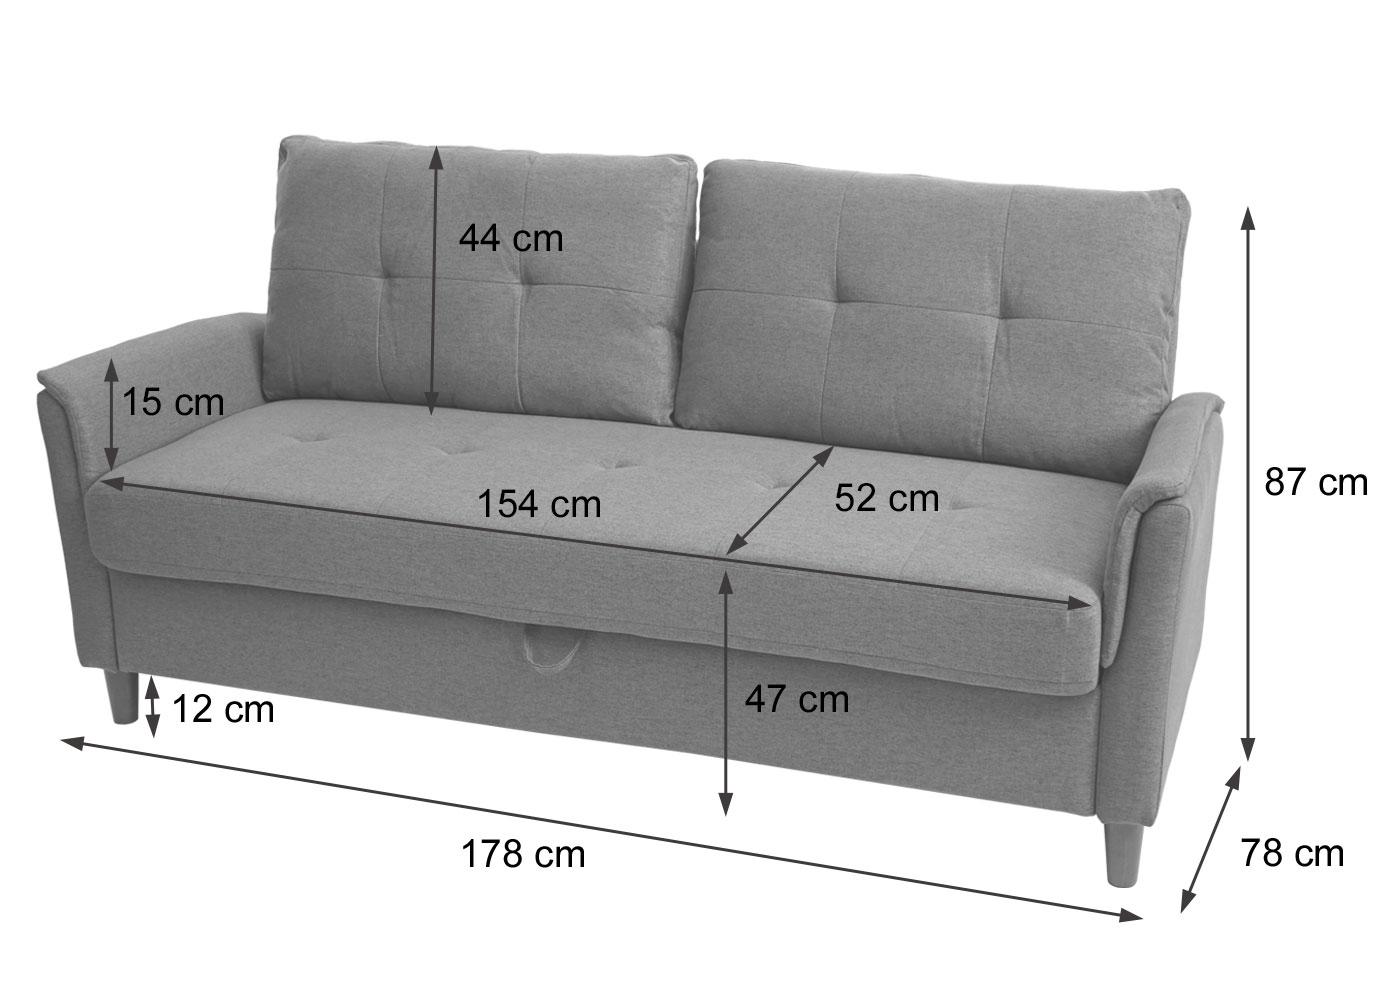 HWC-H23 3er Sofa Bemaßungsbild